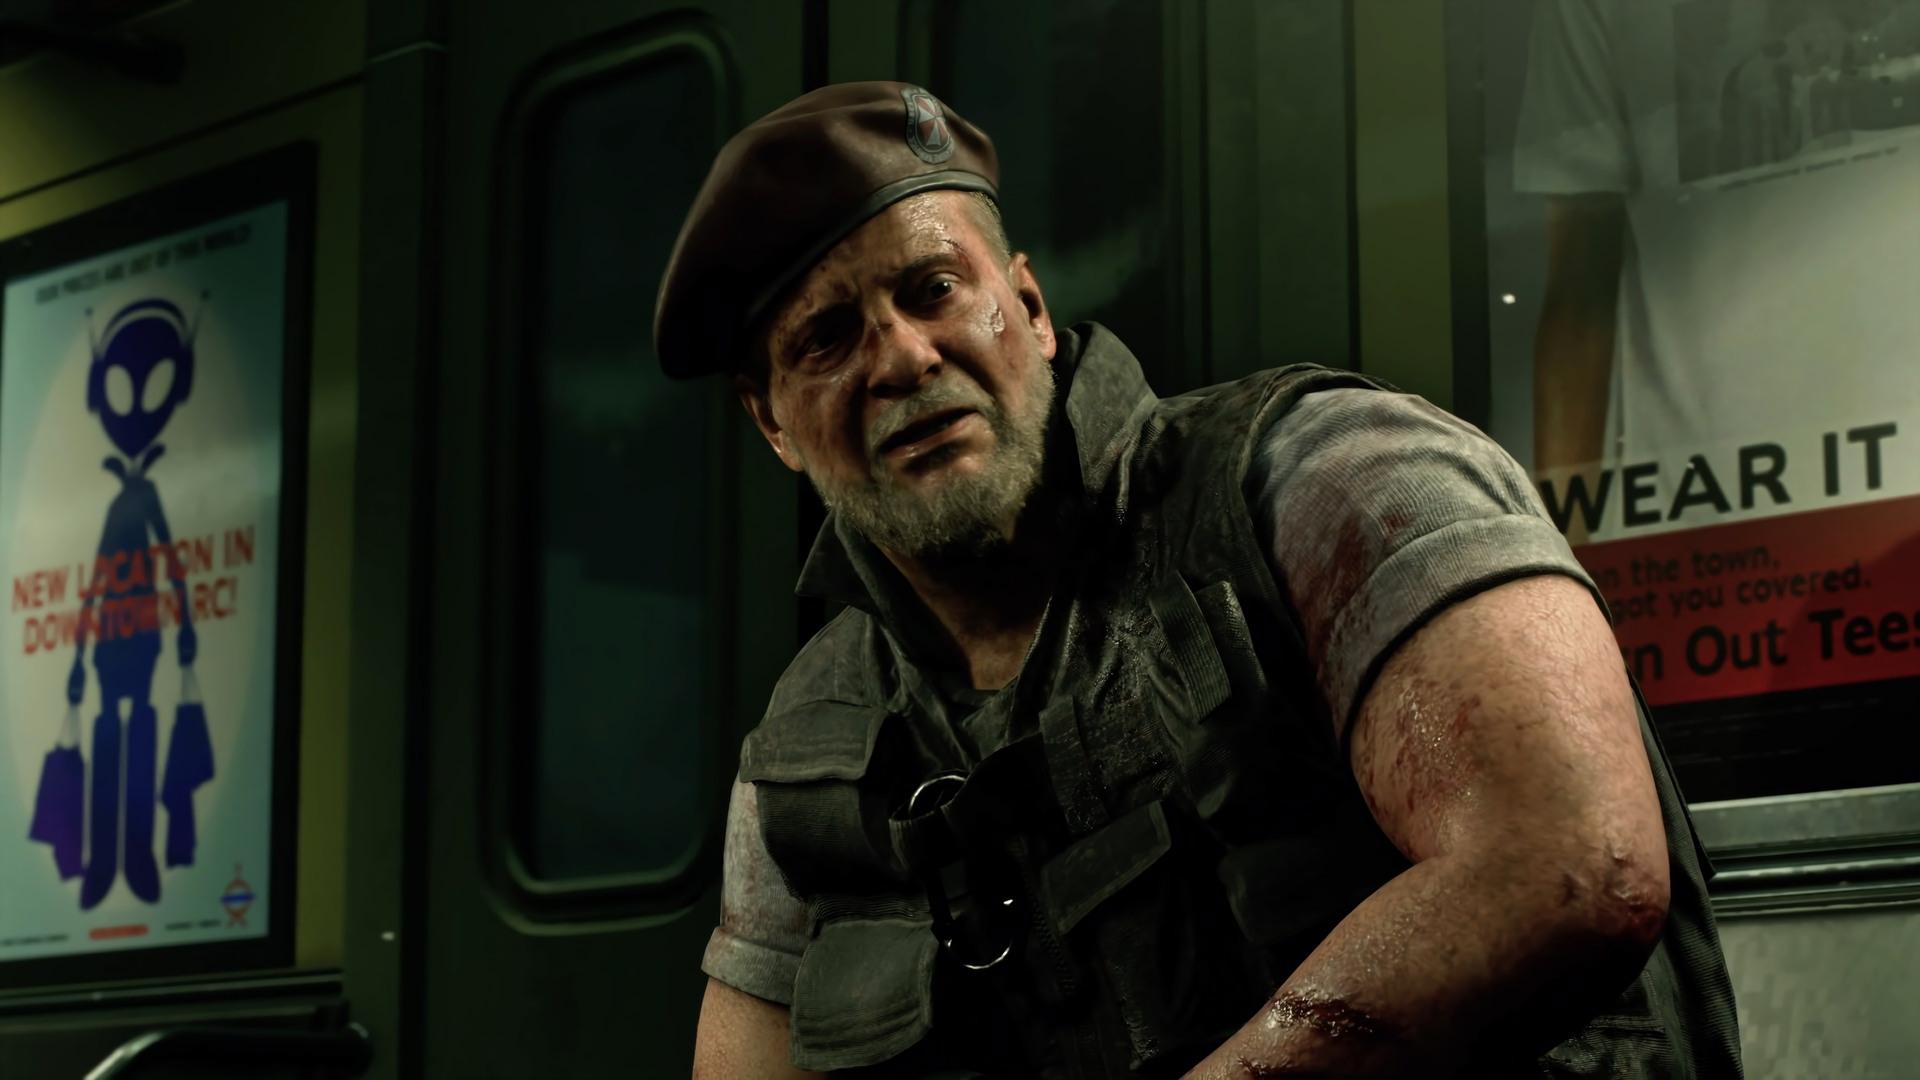 Mikhail Viktor Resident Evil 3 Remake Wallpaper Hd Games 4k